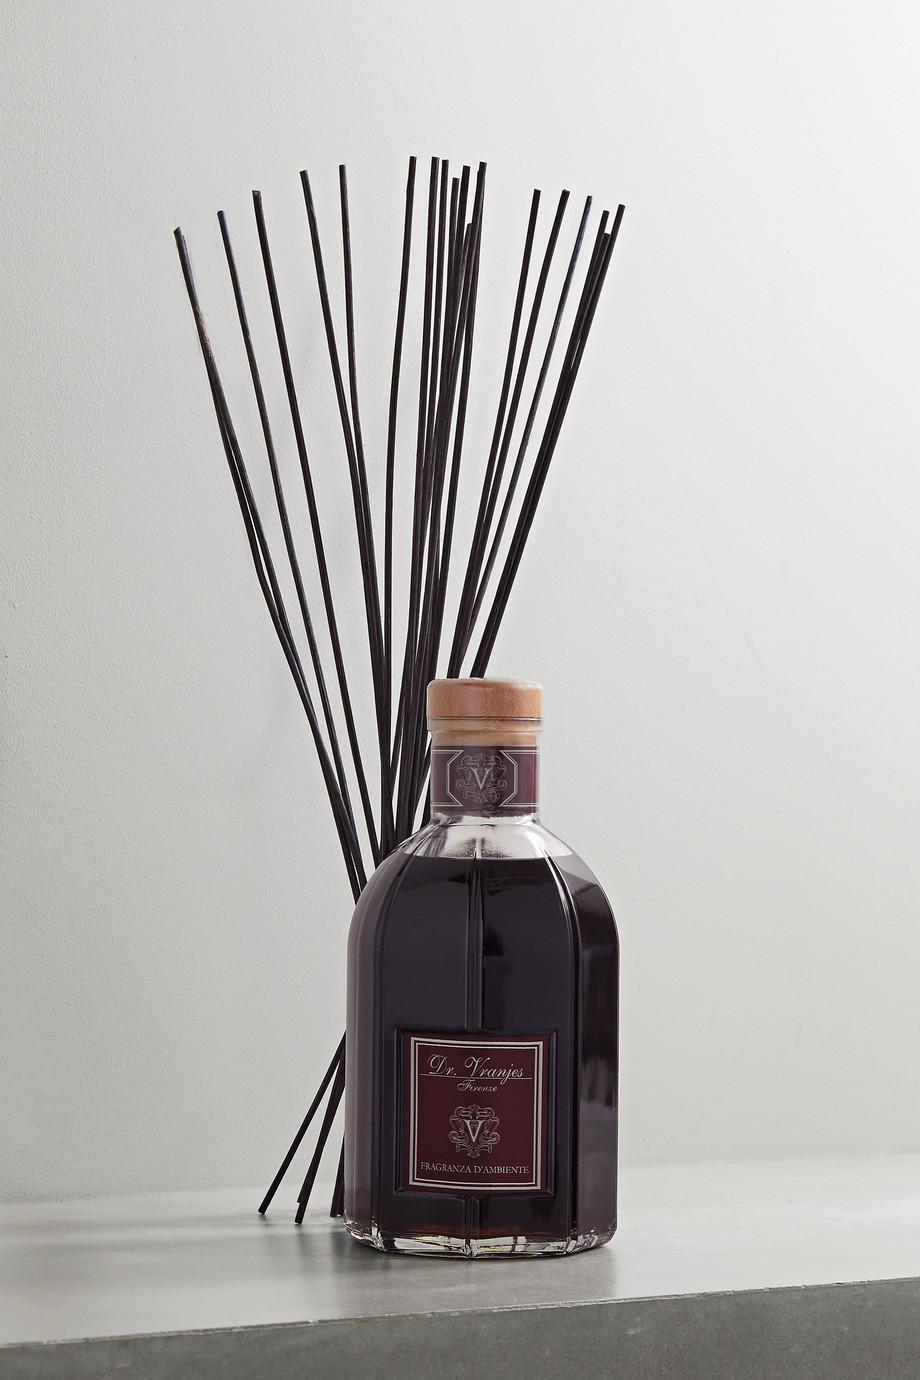 Dr. Vranjes Firenze Rosso Nobile Raumduft mit Schilfstäbchen, 2500 ml